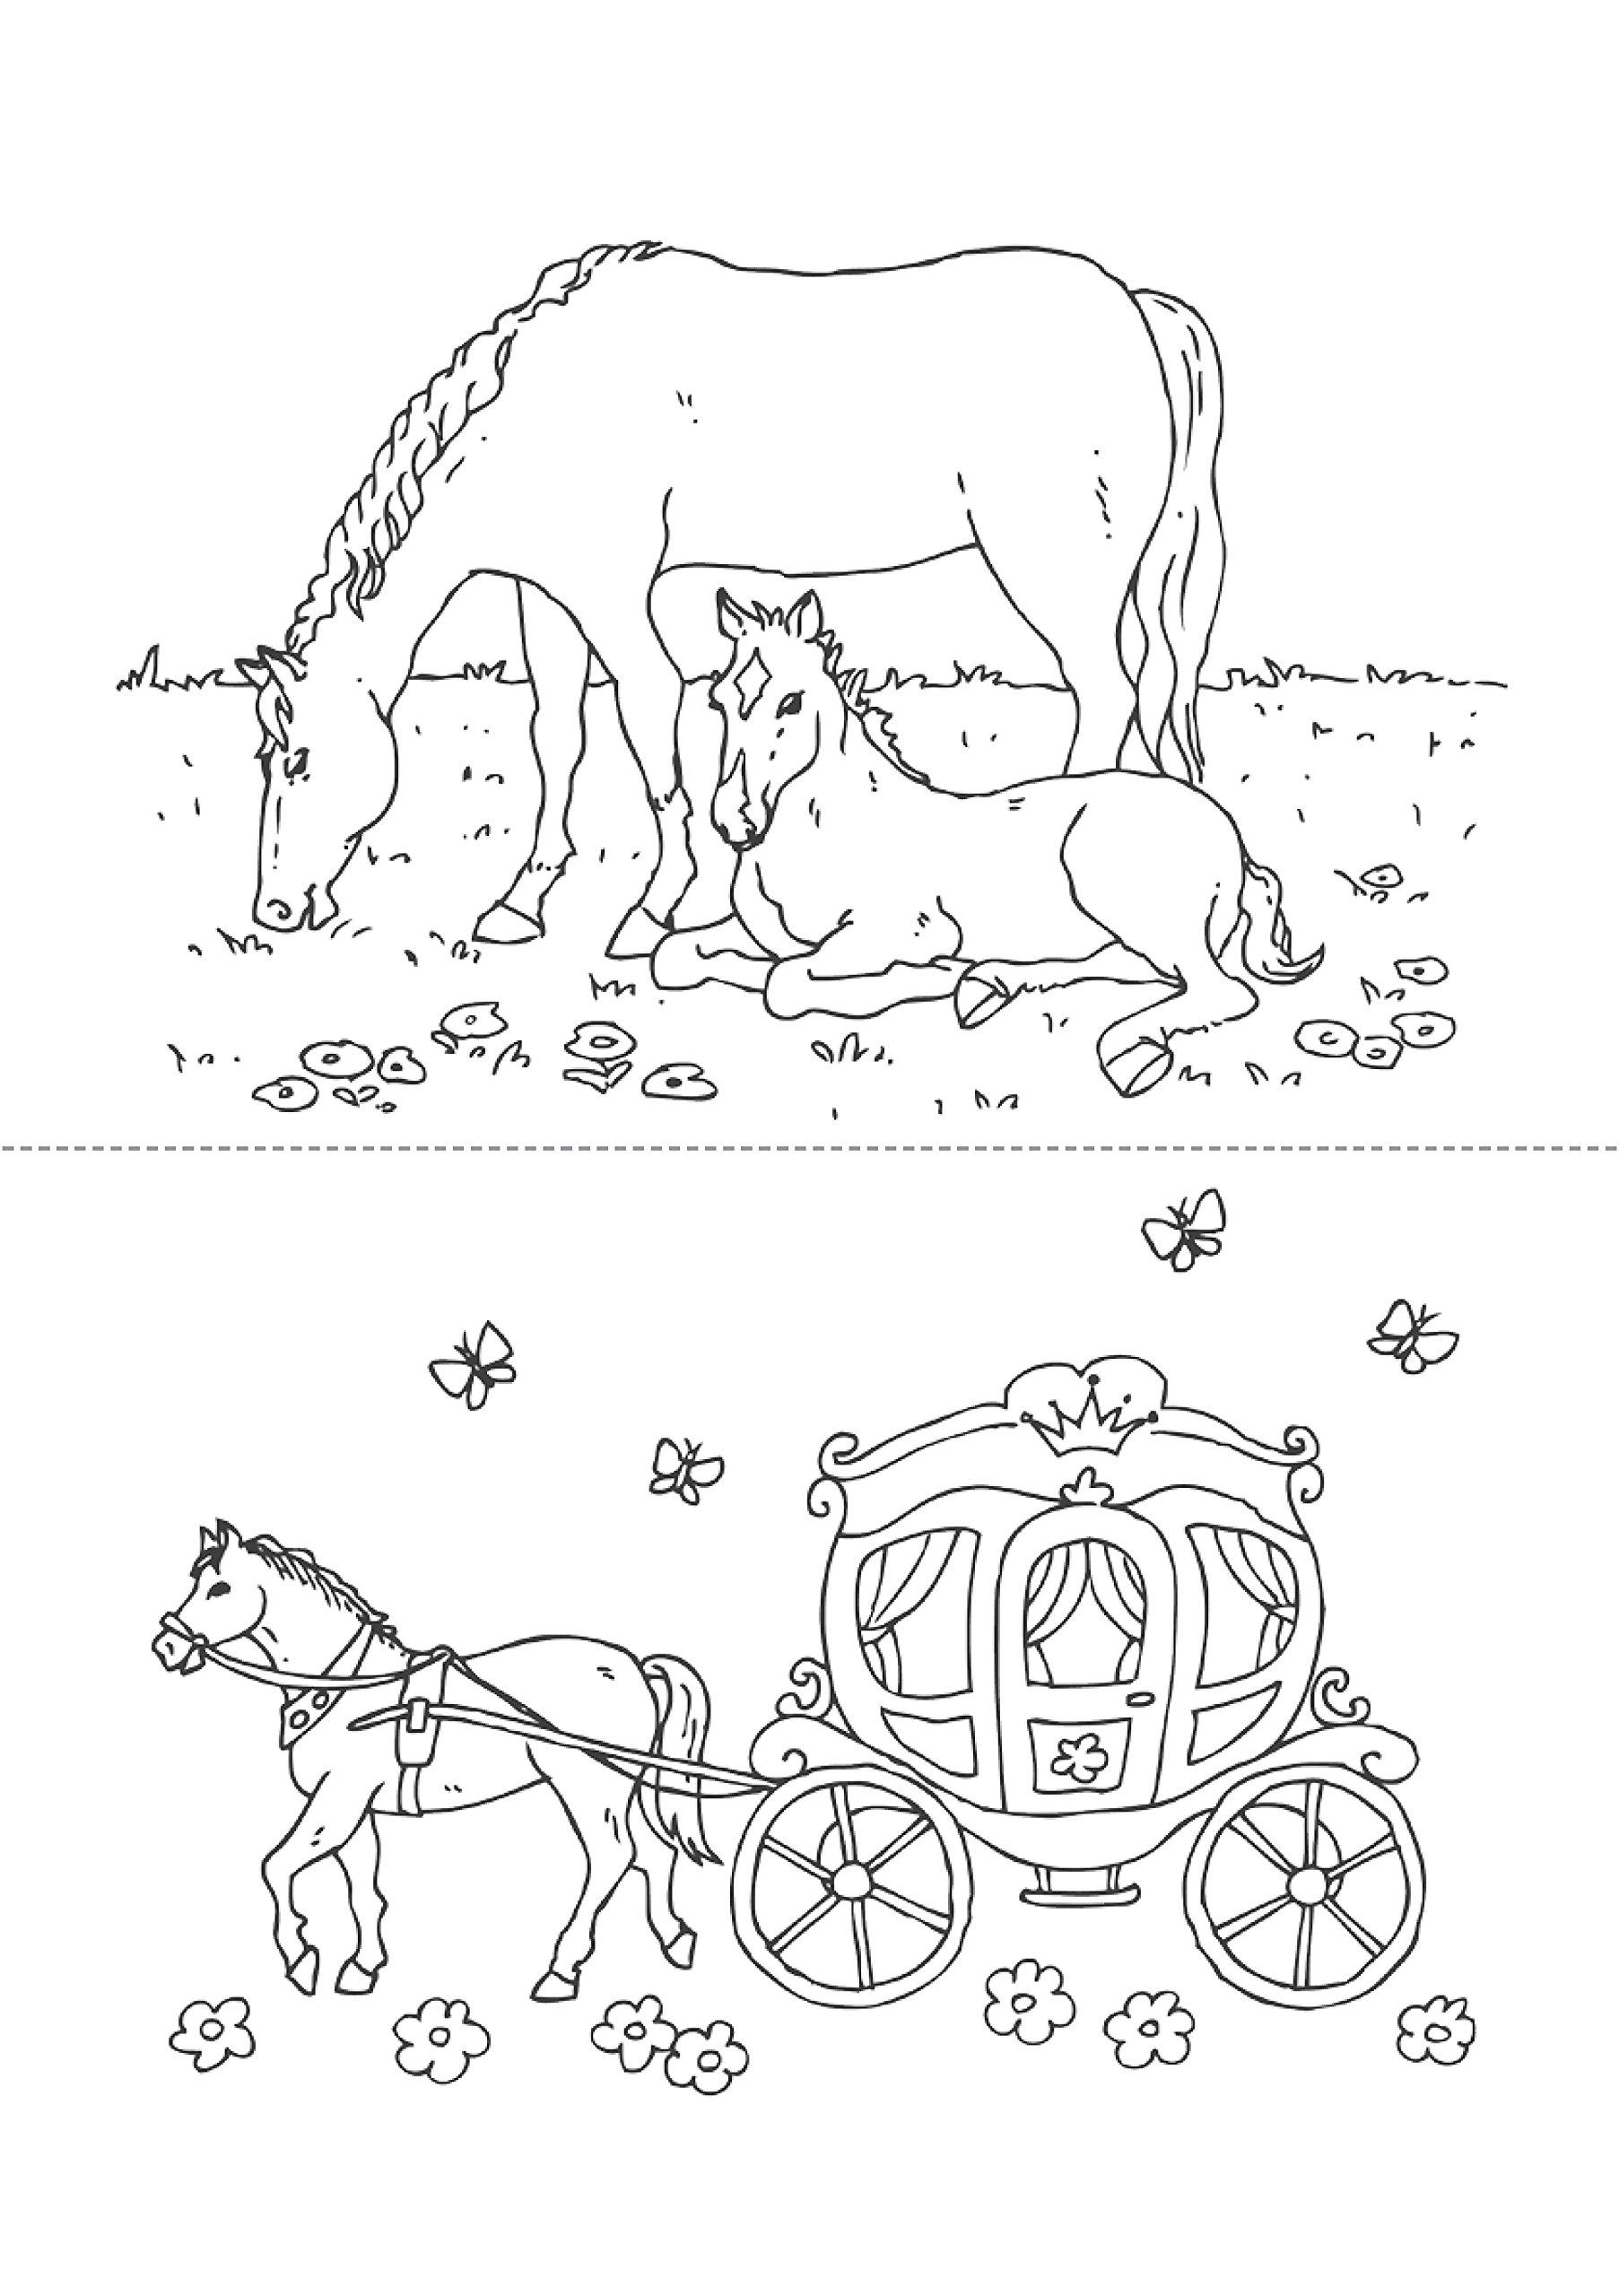 Berühmt Meine Kleinen Ponys Malvorlagen Ideen - Malvorlagen Von ...